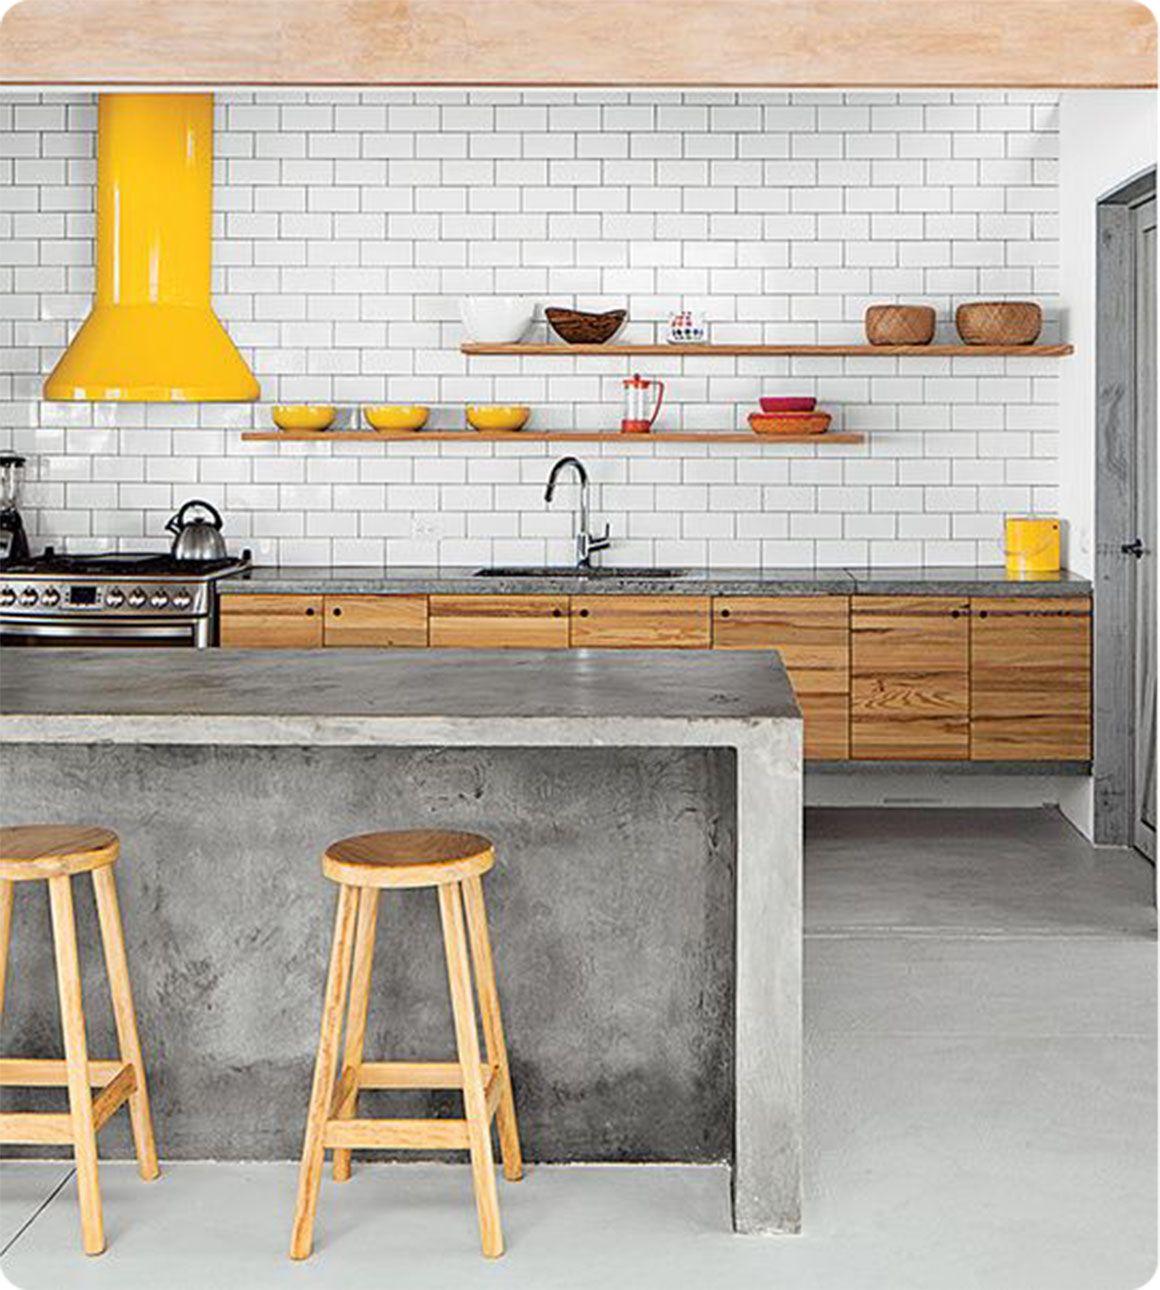 die besten 25 k che dunstabzug ideen auf pinterest k chendunstabzugshaube diner k che und. Black Bedroom Furniture Sets. Home Design Ideas